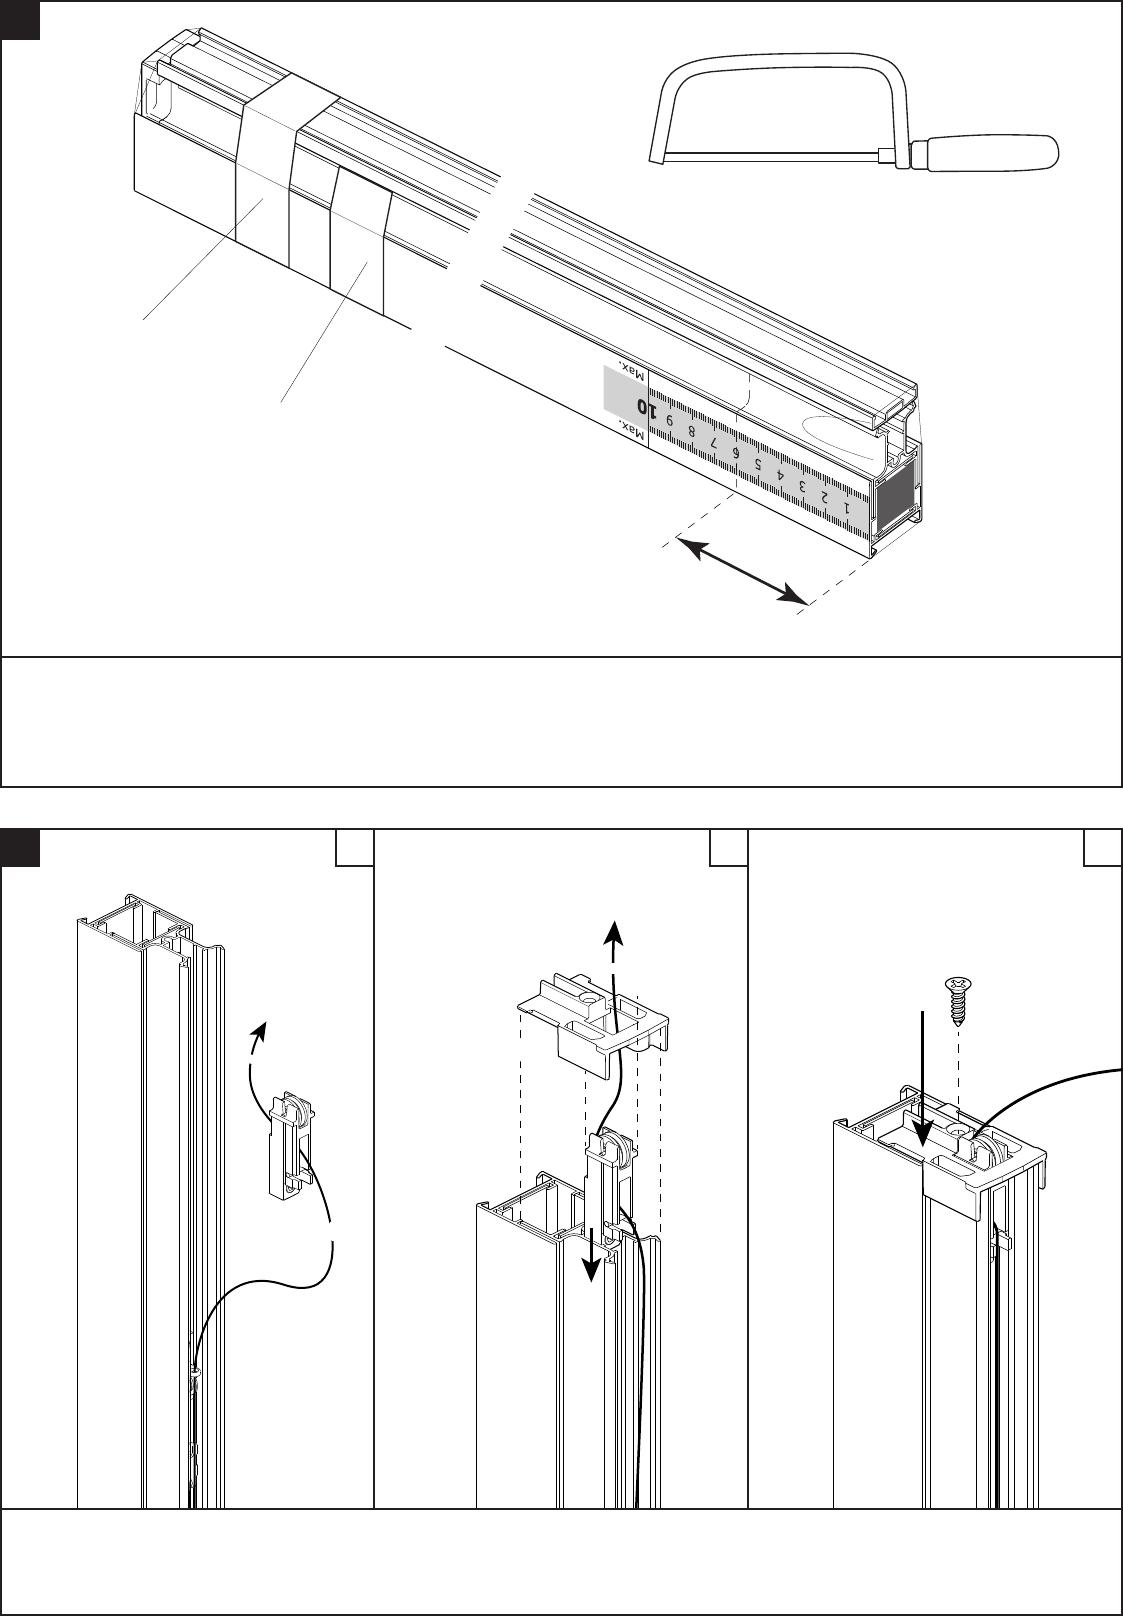 Genoeg Handleiding Bruynzeel 634576 S700 Plisse Hordeur (pagina 5 van 12 PN63